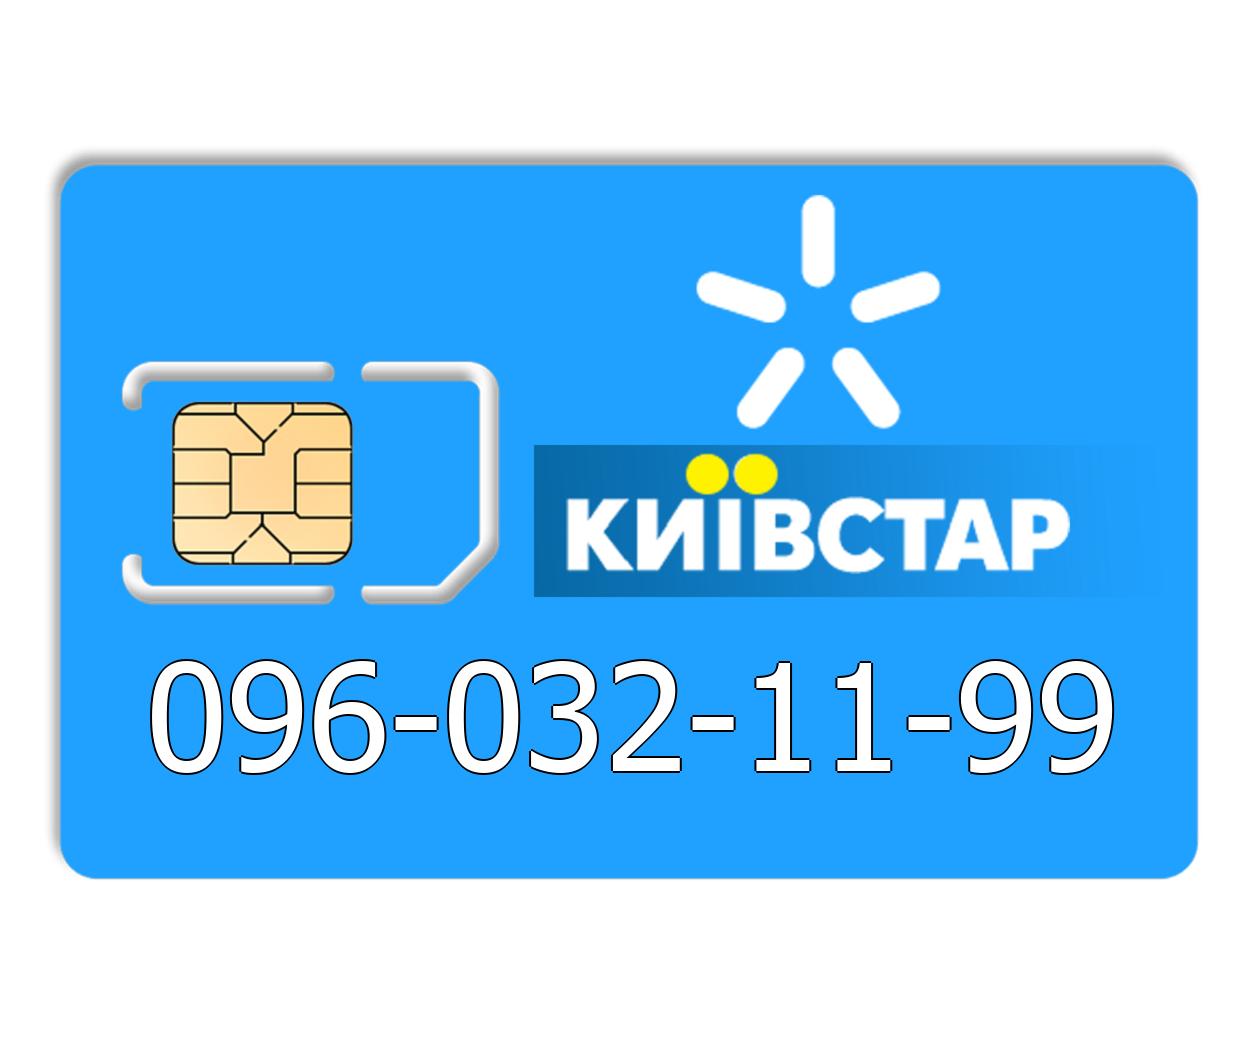 Красивый номер Киевстар 096-032-11-99